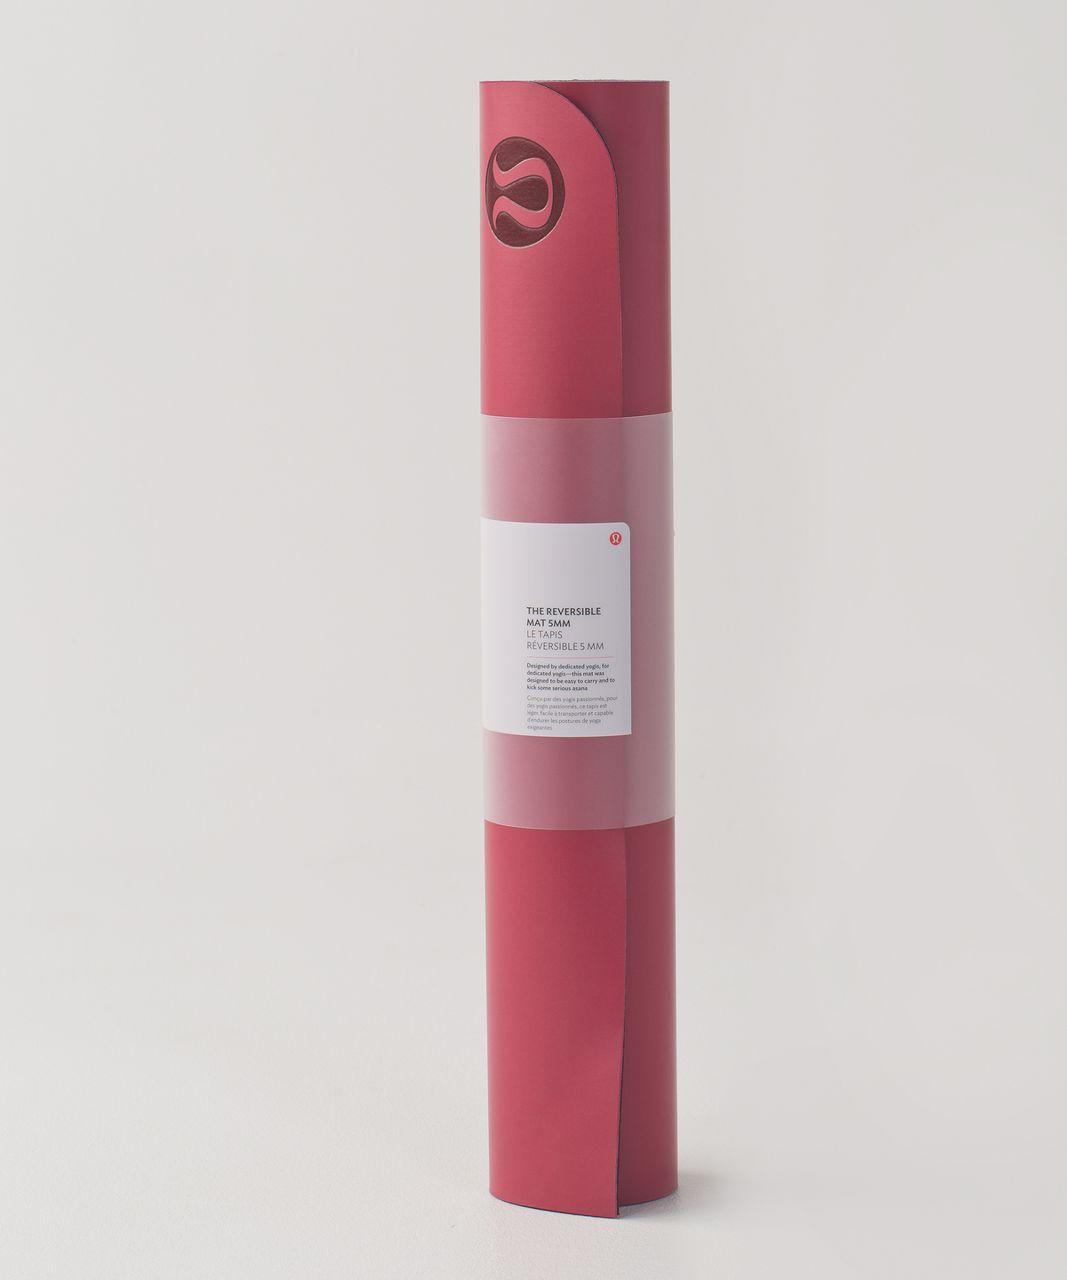 Lululemon The Reversible Mat 5mm - Cranberry / Bordeaux Drama